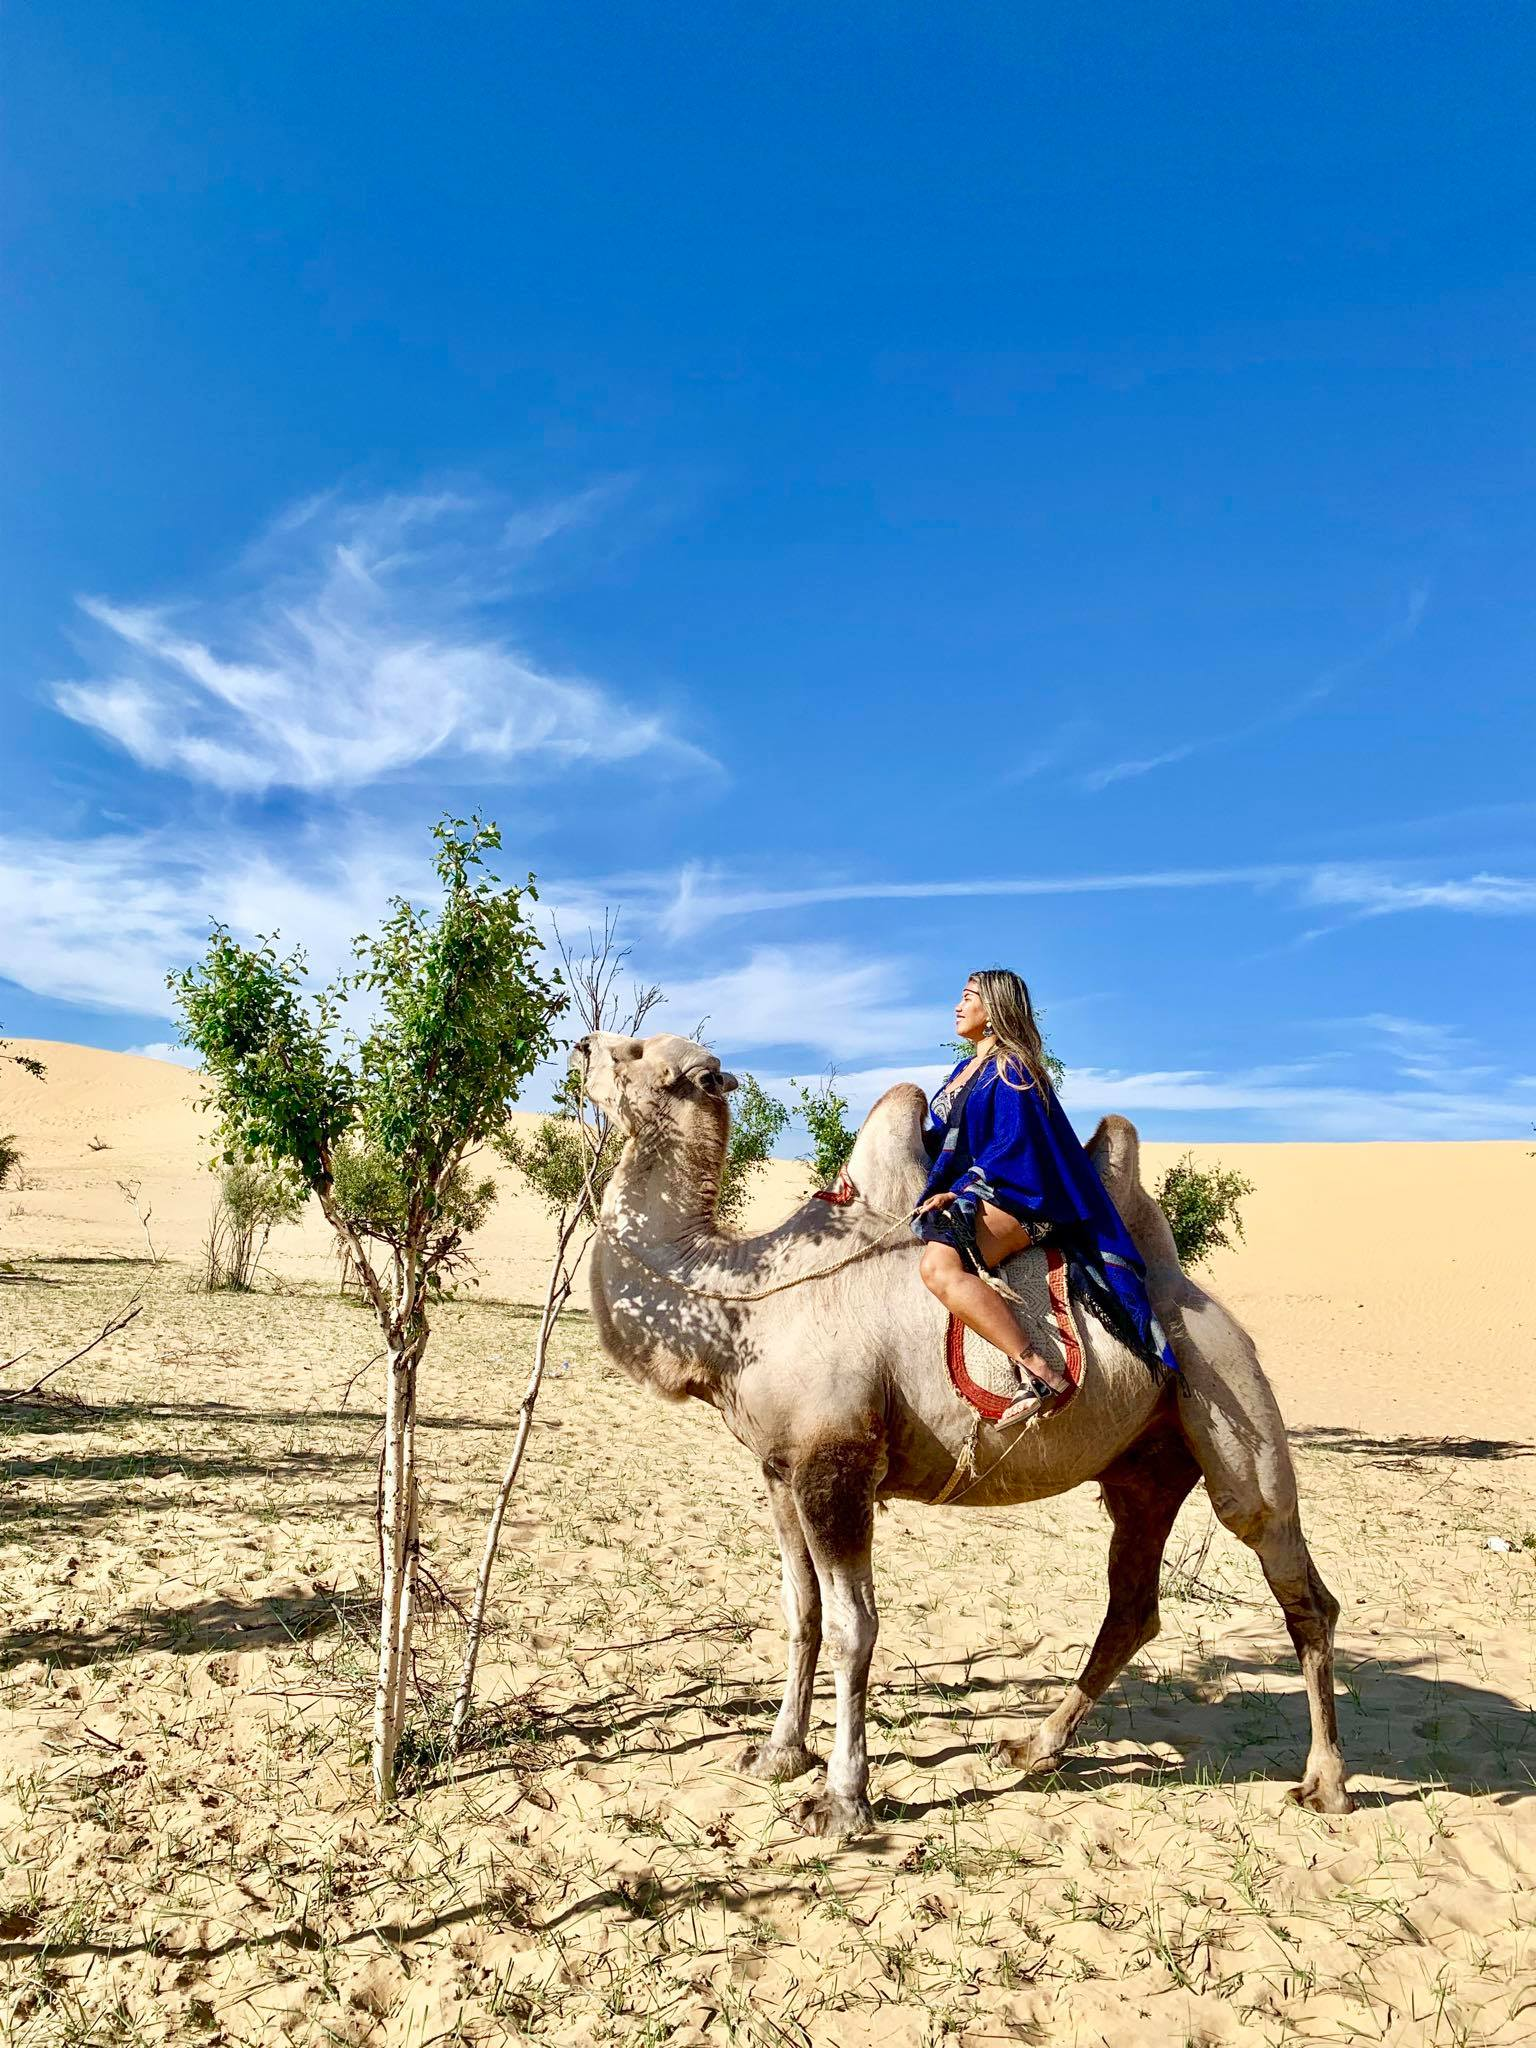 Kach Solo Travels in 2019 Nomadic family in Elsen Tasarkhai10.jpg